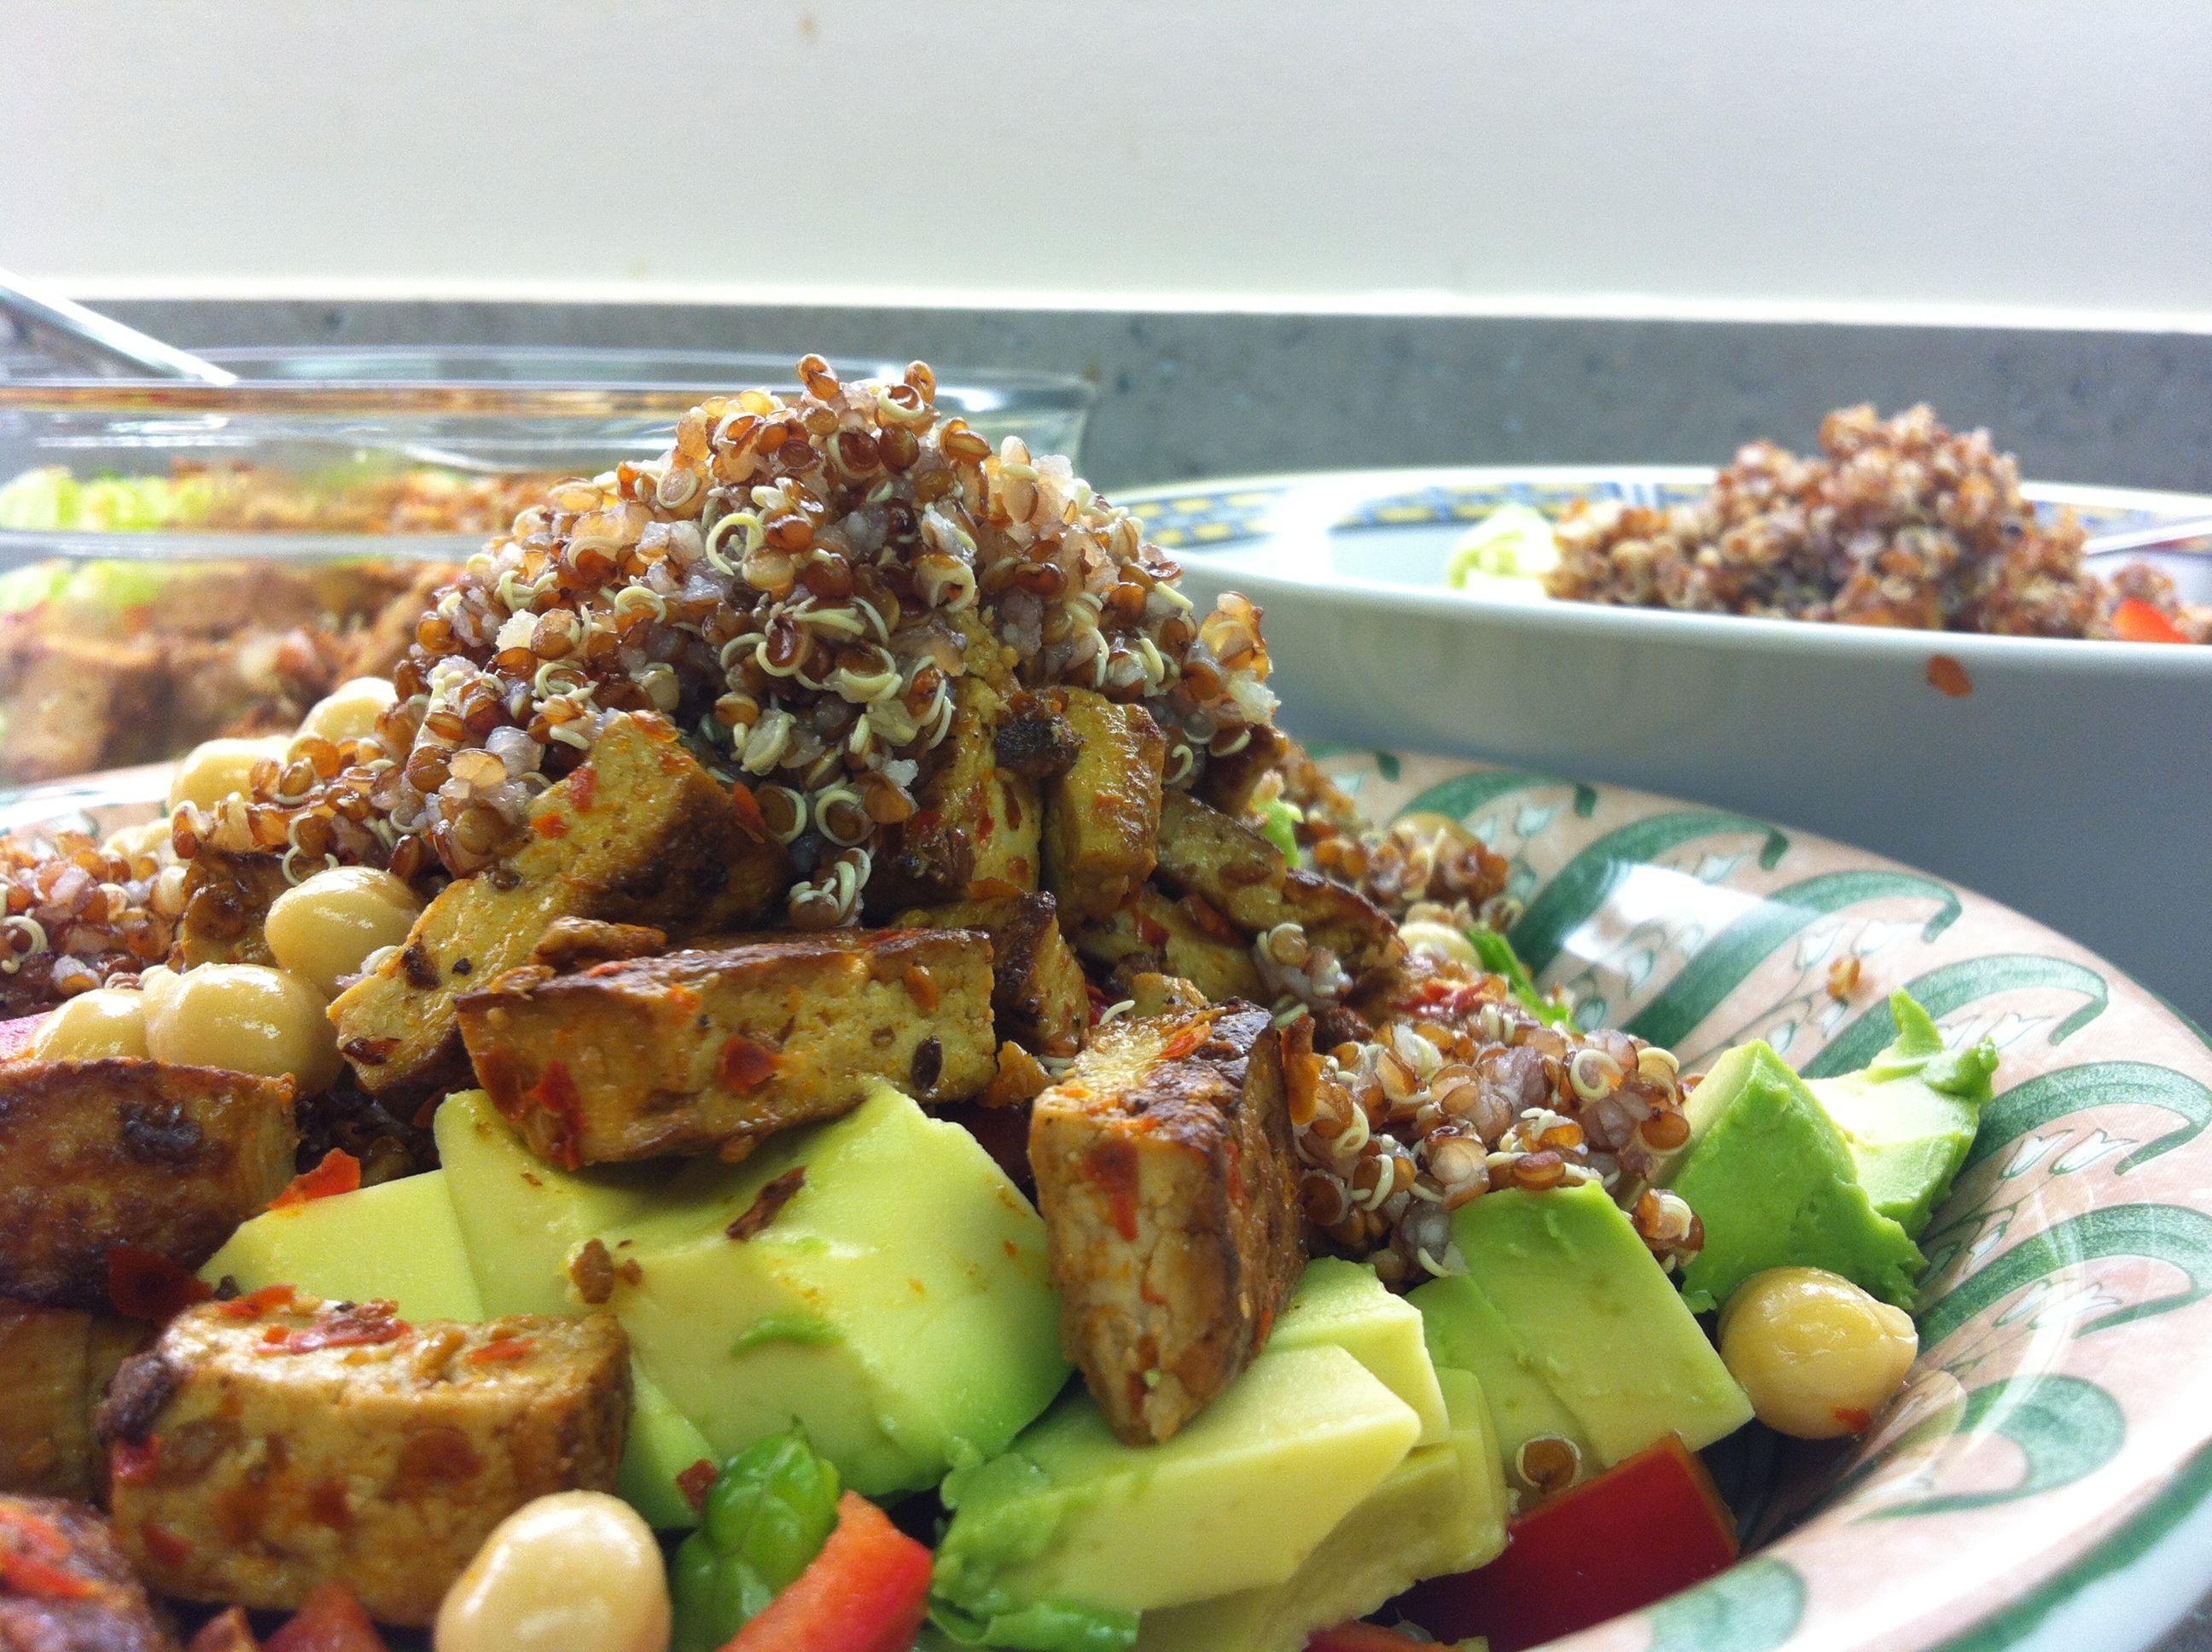 Quinoa, tofu salad with avocado and chickpeas